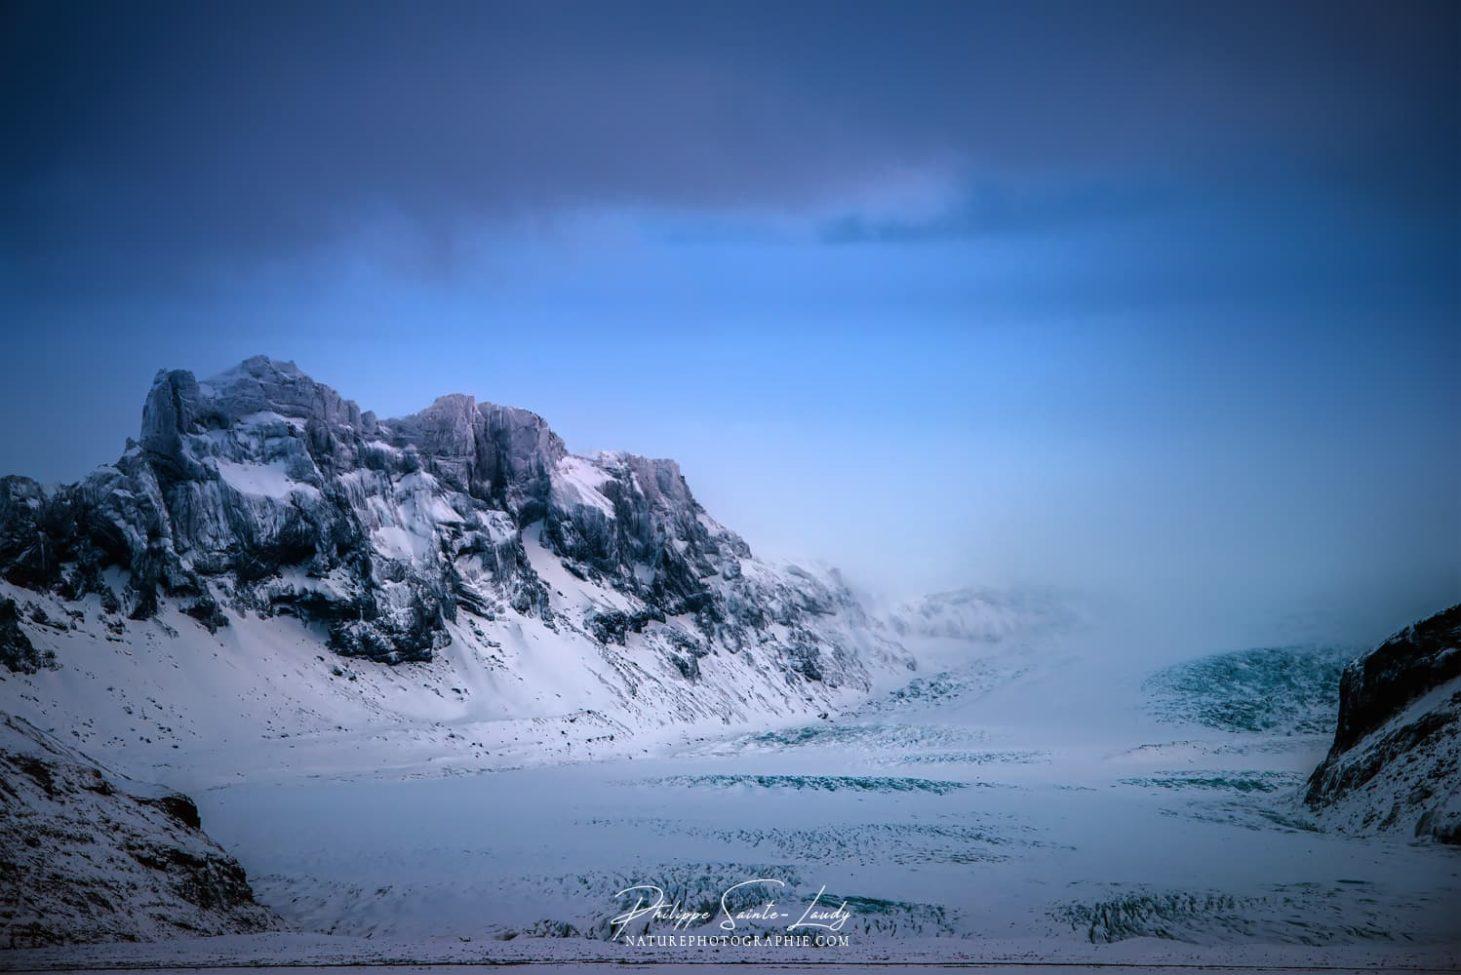 Montagnes enneigées en Islande